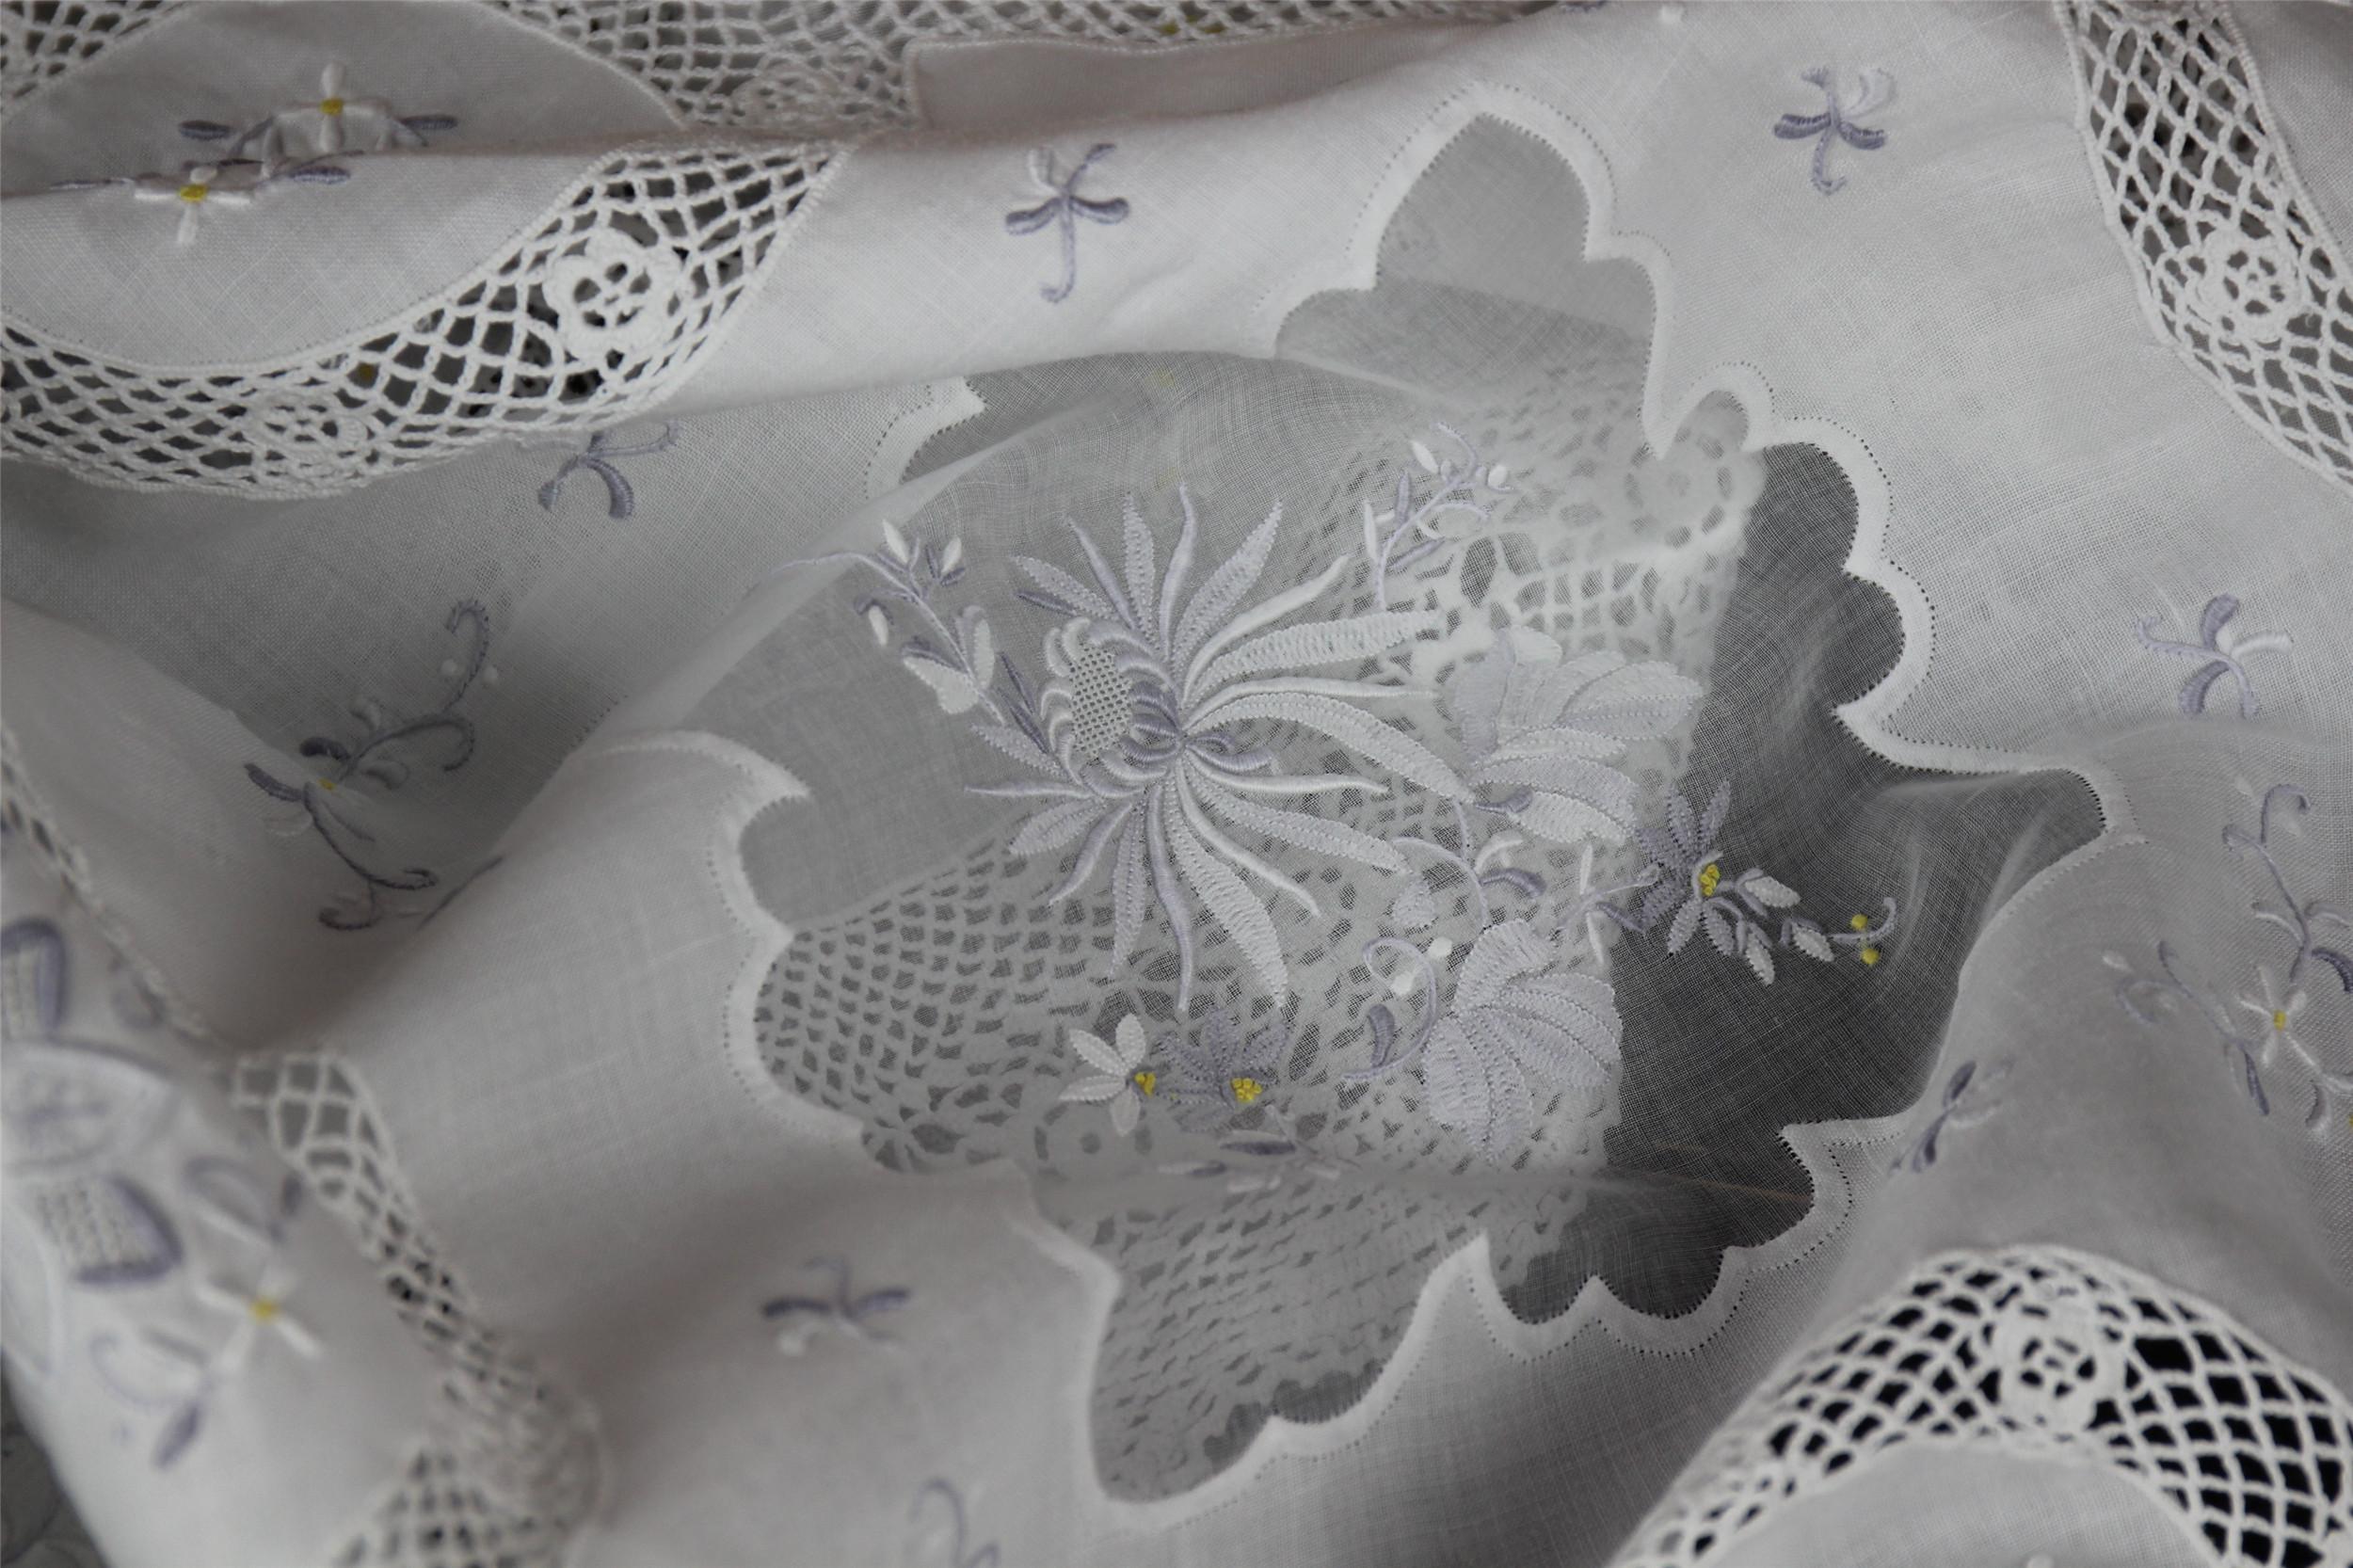 独家收藏 精品玻璃纱手工刺绣灰紫桌布瑞士进口玻璃纱床盖窗帘